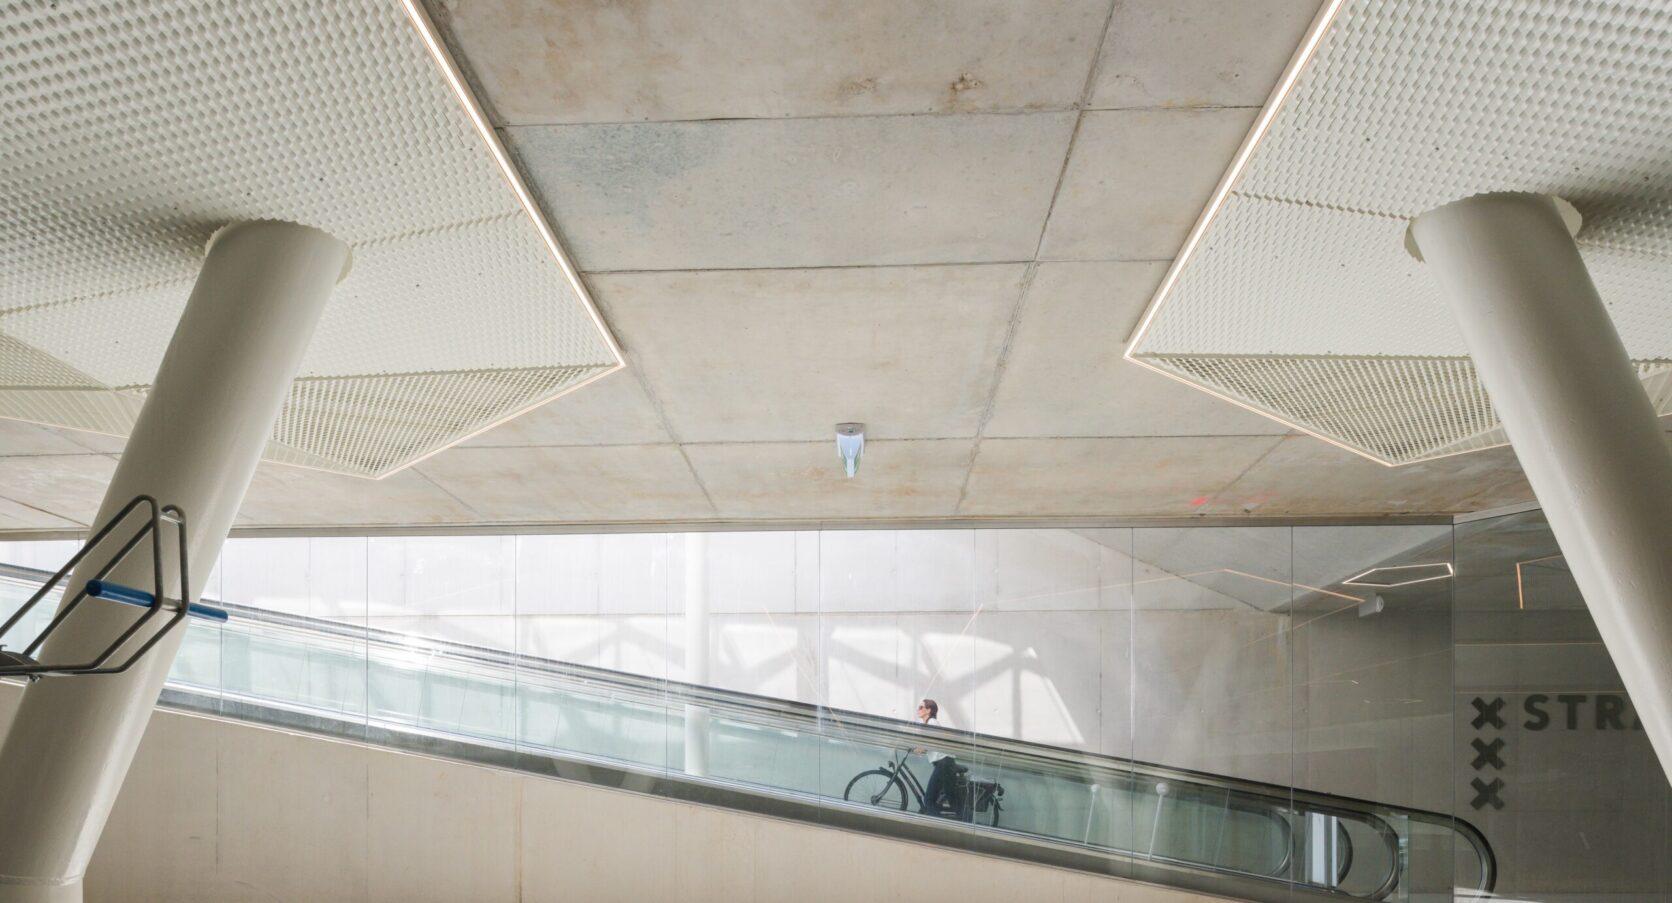 Fietsparkeergarage Vijfhoek in Amsterdam gepoedercoate panelen met verlichting